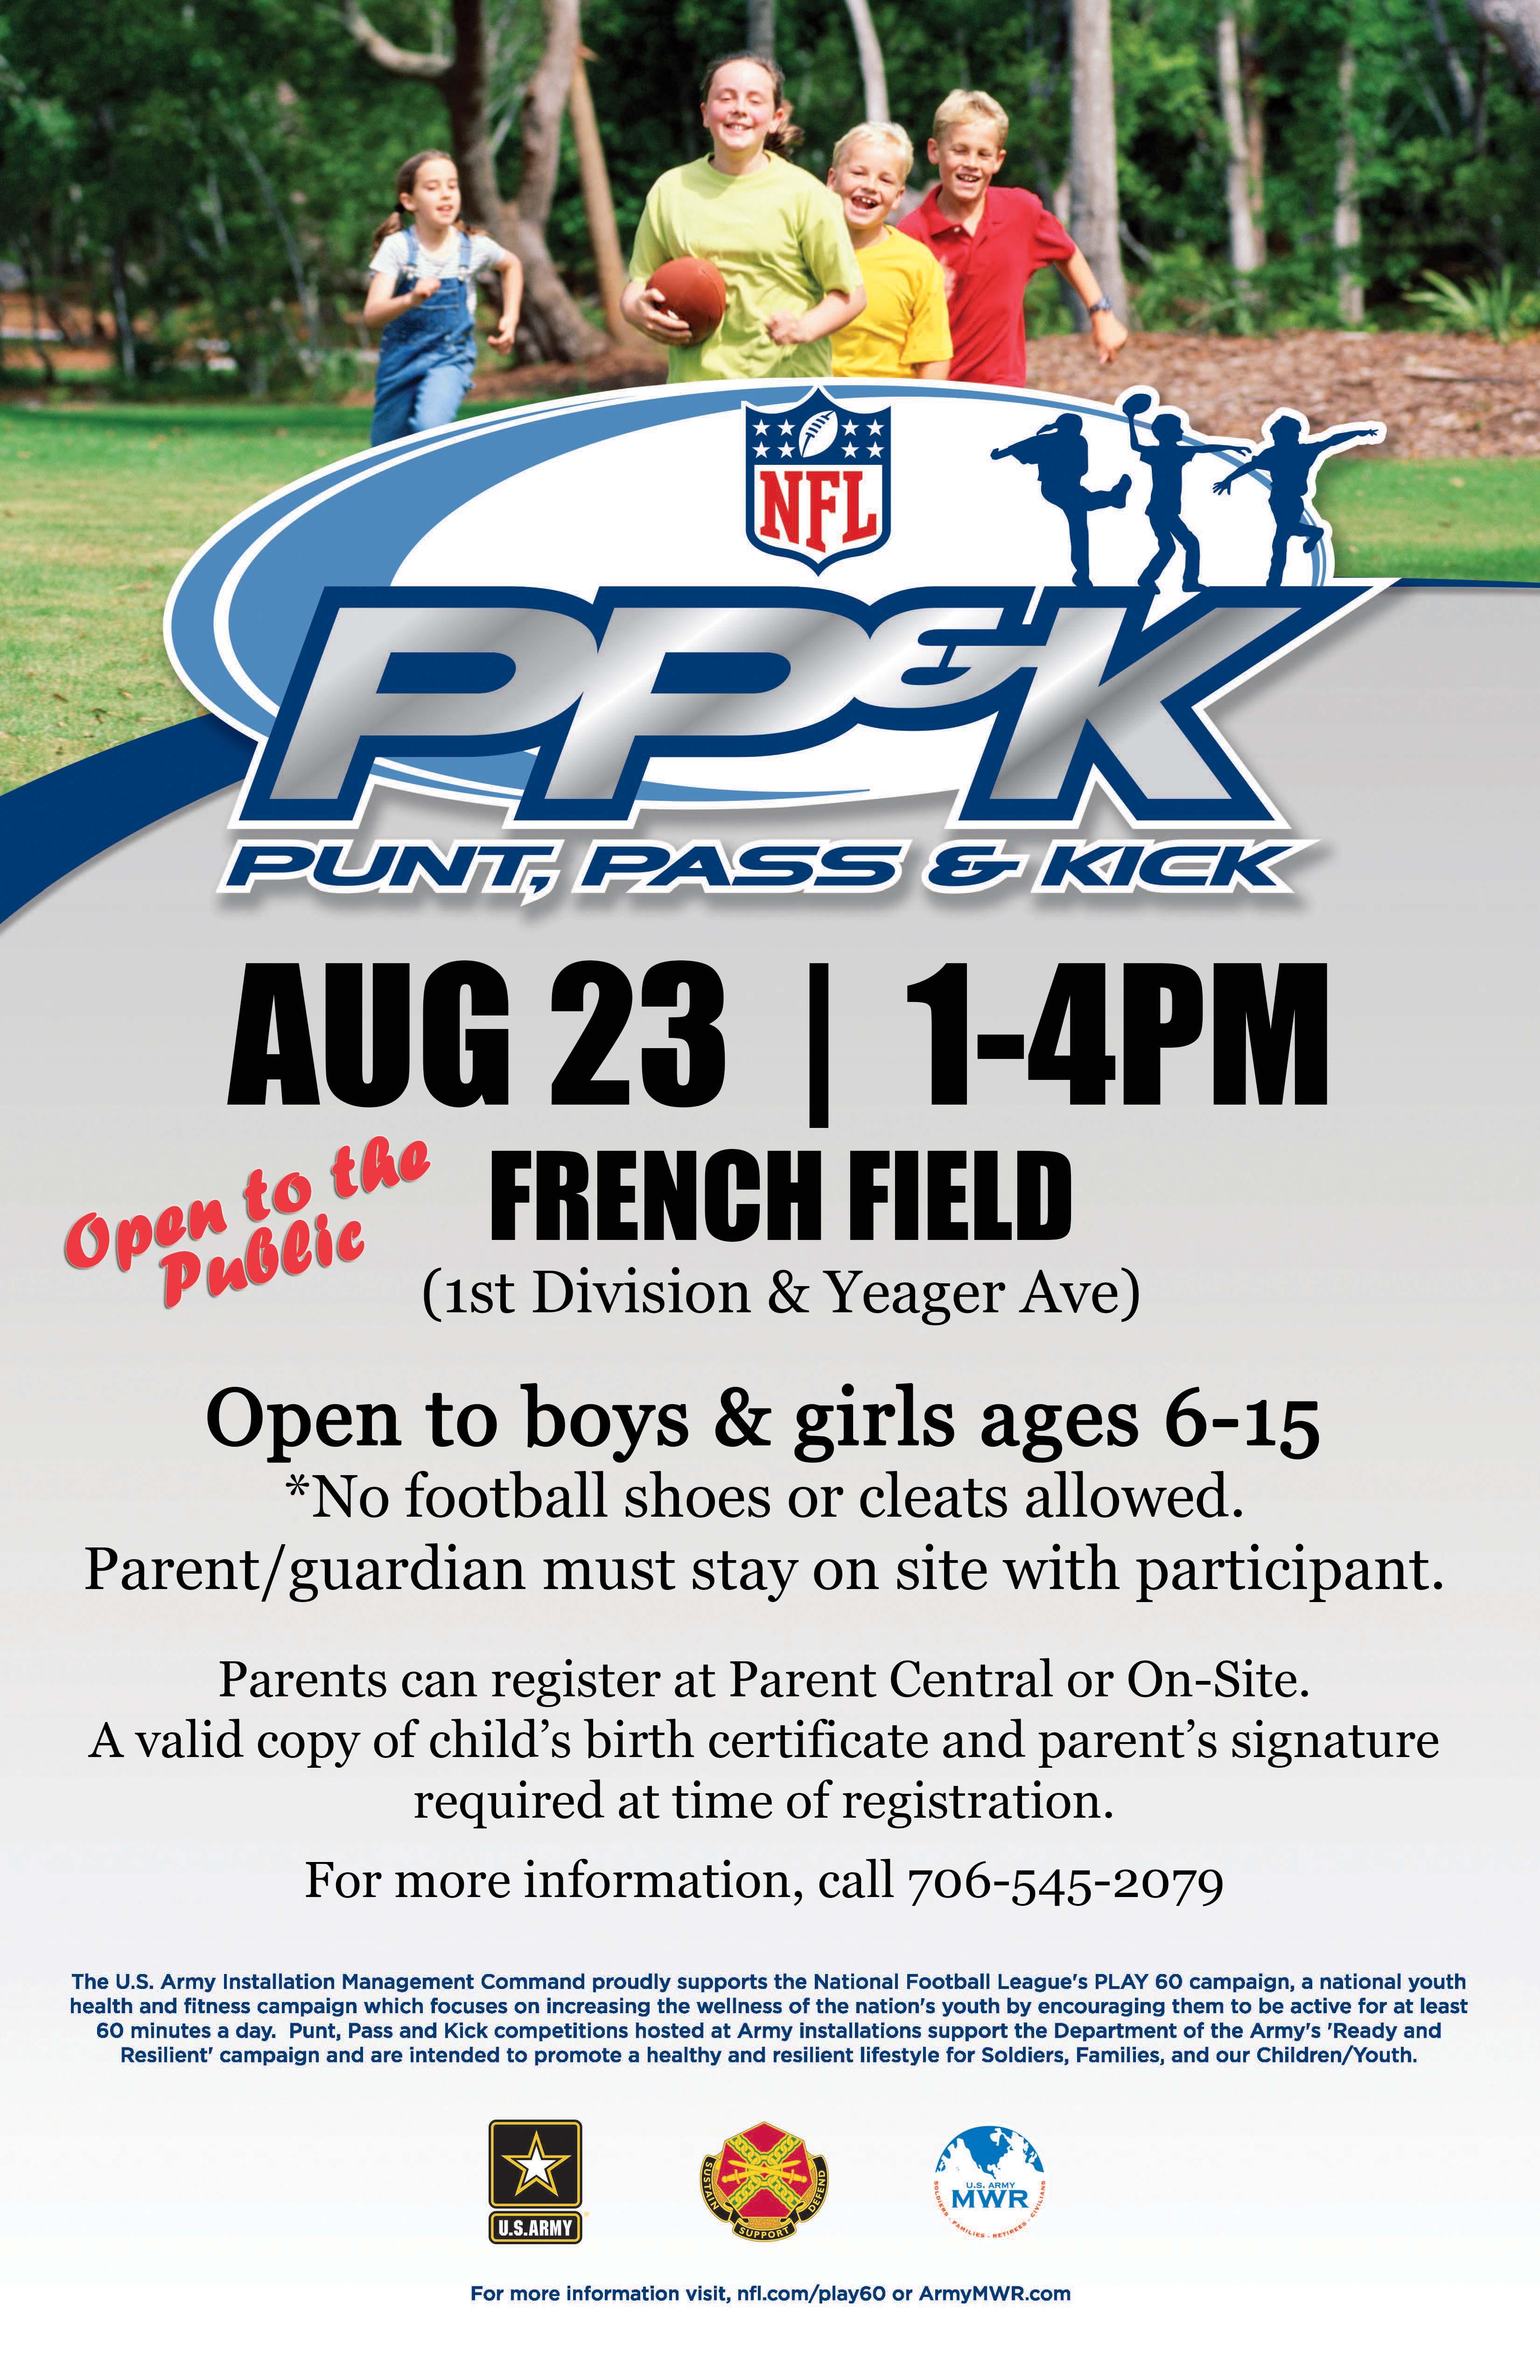 NFL Punt, Pass & Kick Class for Boys & Girls